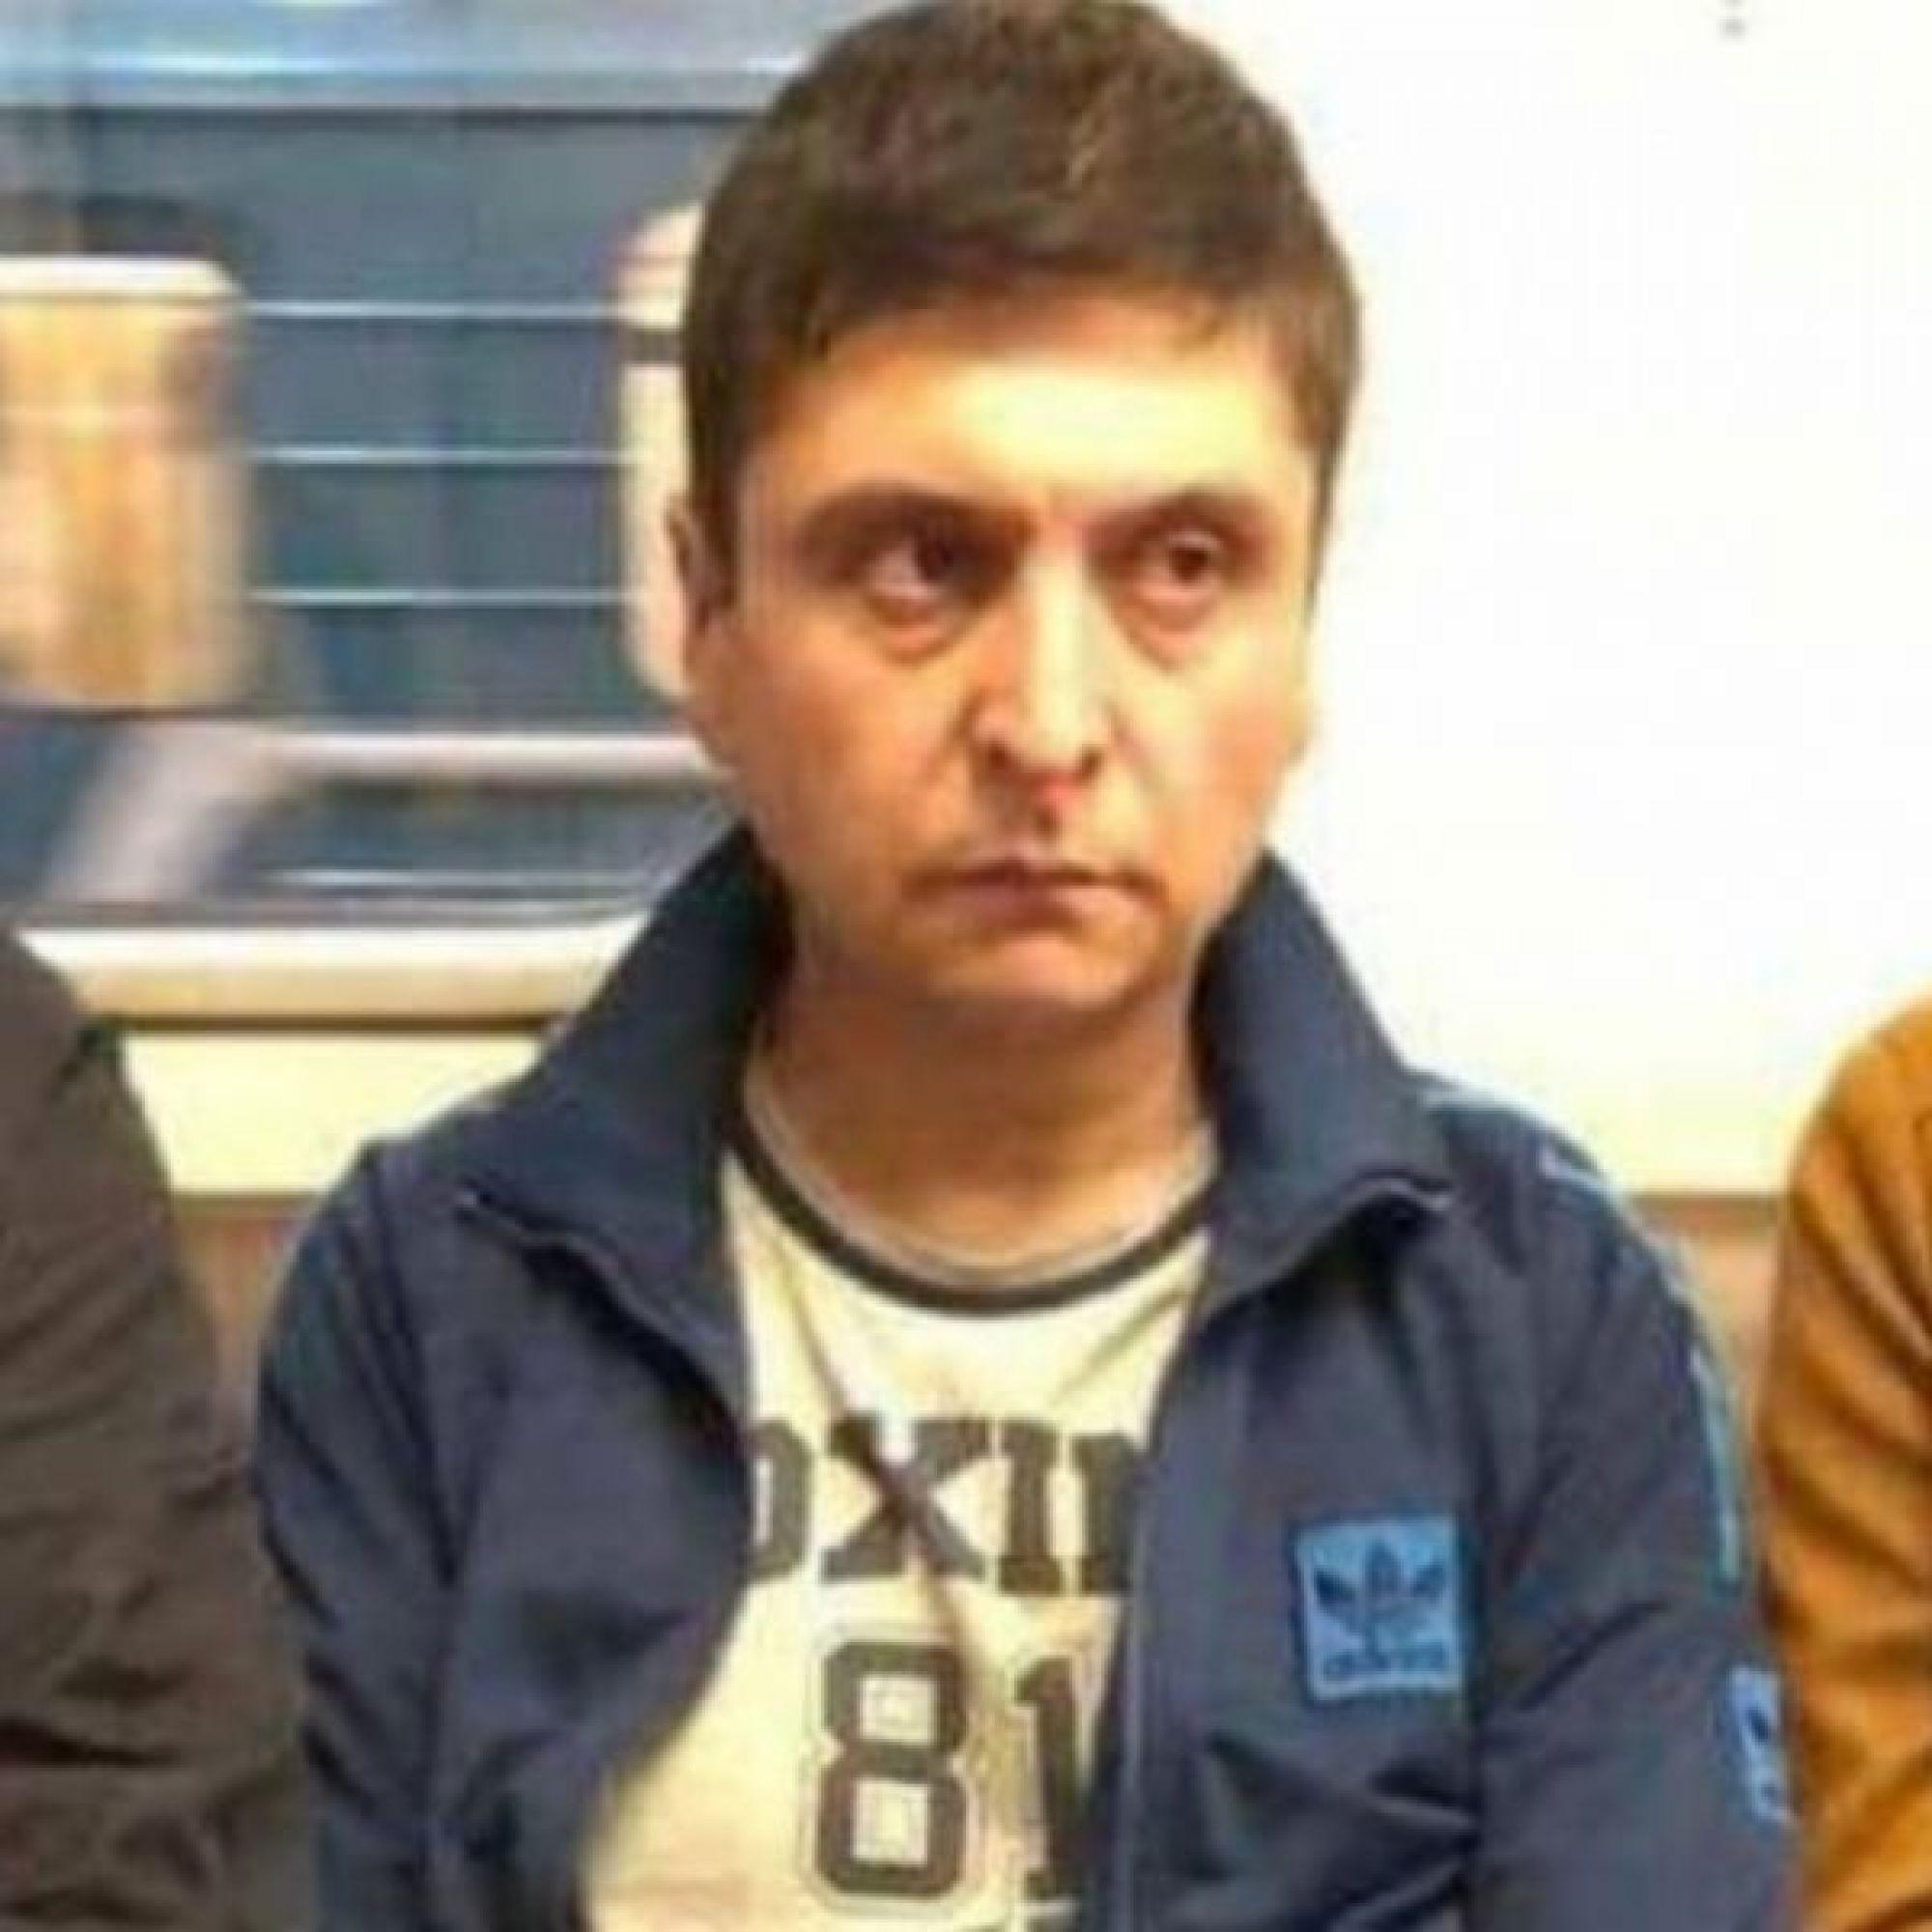 Двойник Зеленского оказался на распутье. Карьеру артиста он может начать как в России, так и на Украине